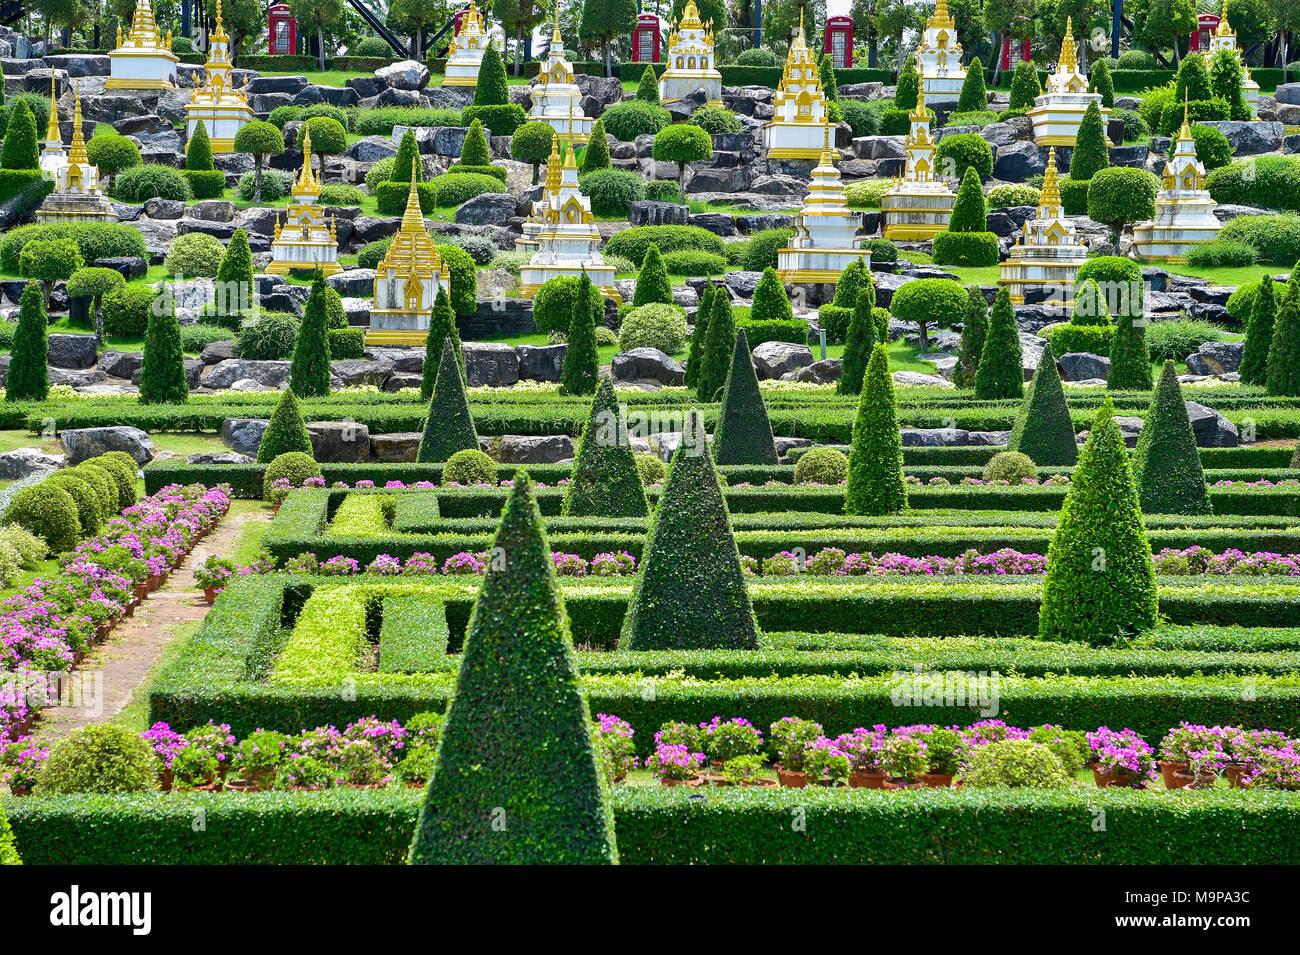 French Garden, Nong Nooch Tropical Botanical Garden, Pattaya, Thailand - Stock Image